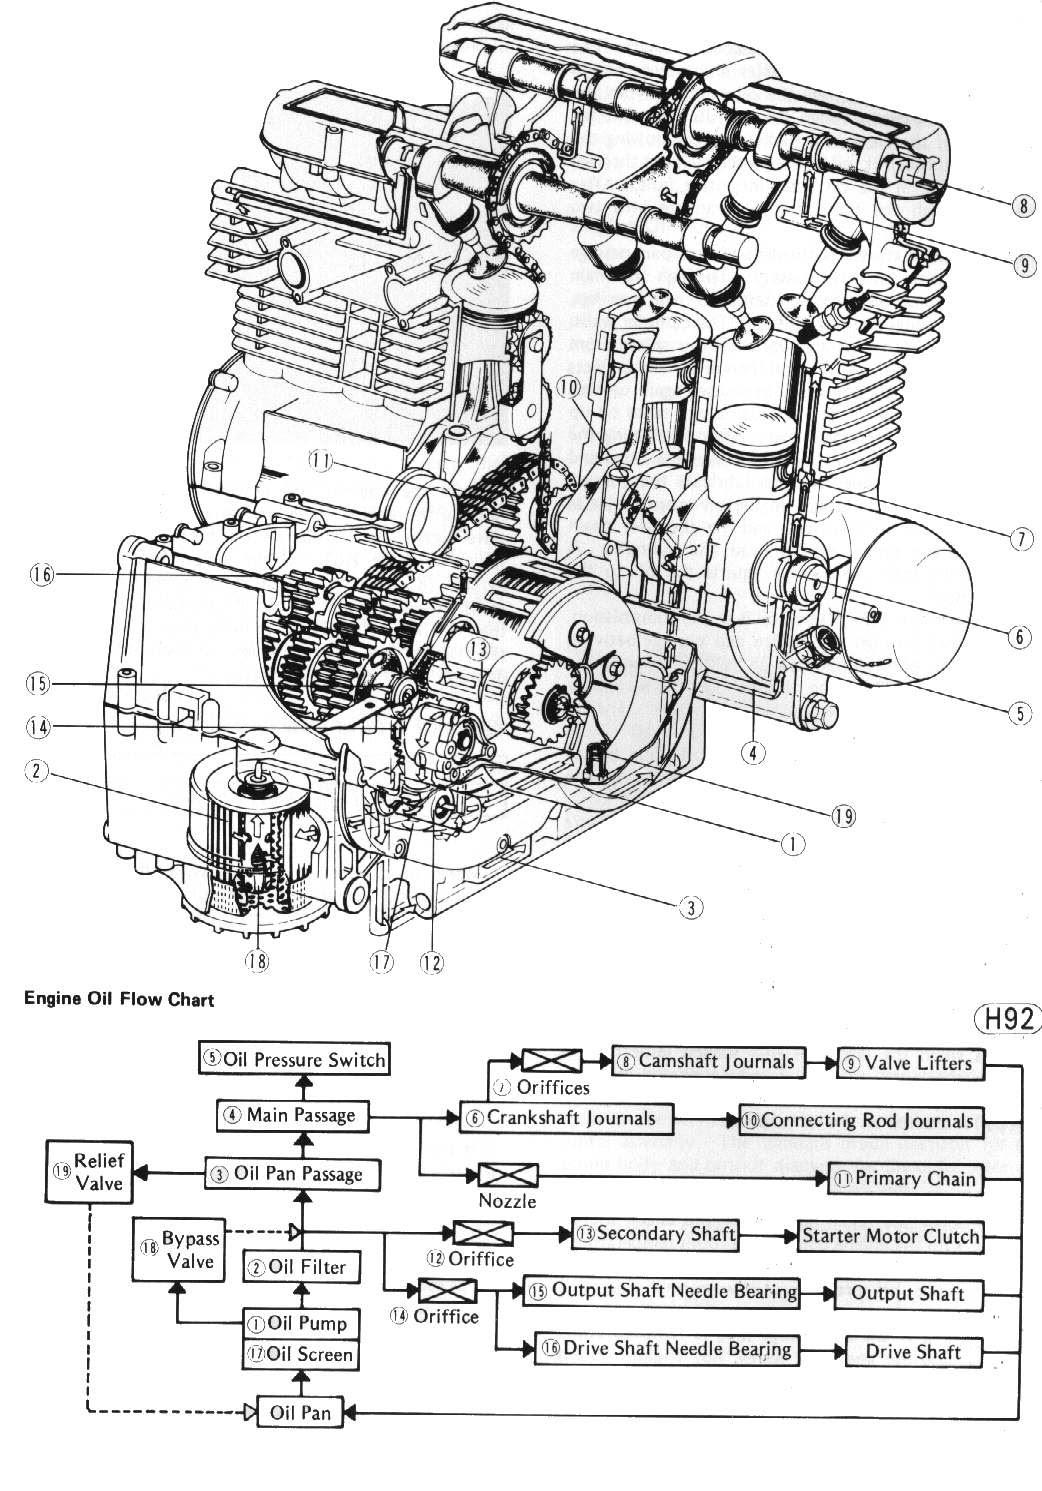 need help identifying oil pan plug on KZ650 - Kawasaki ...